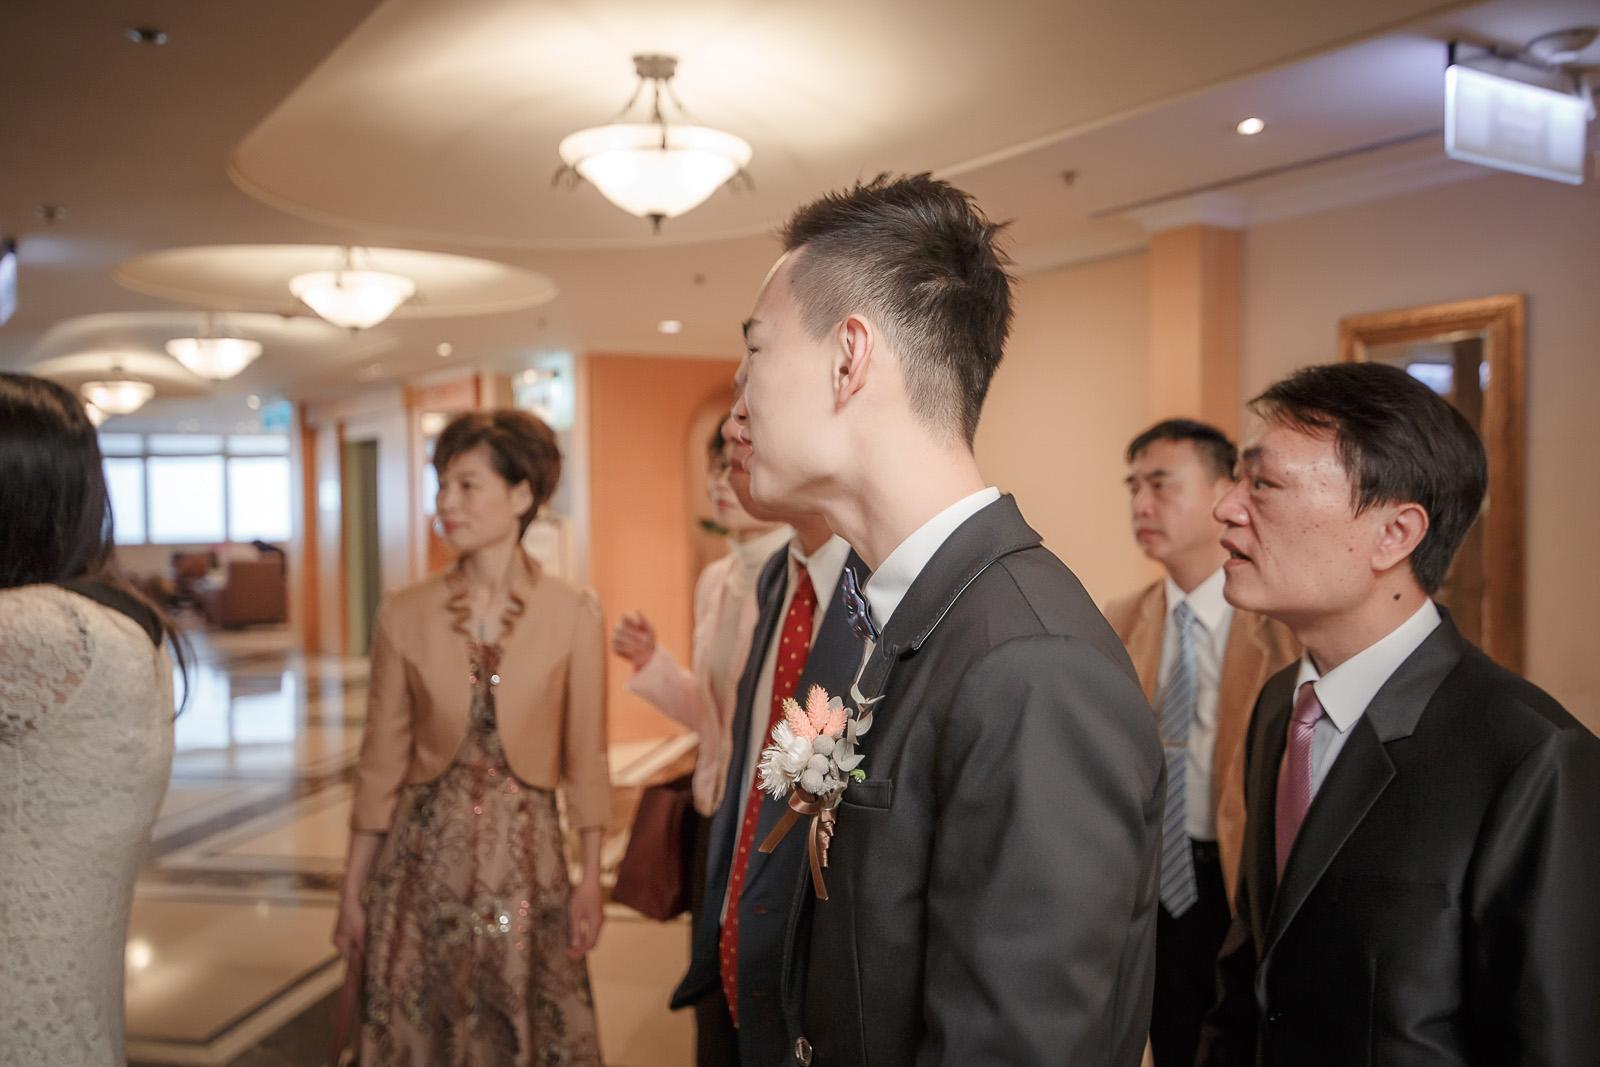 高雄圓山飯店,婚禮攝影,婚攝,高雄婚攝,優質婚攝推薦,Jen&Ethan-014